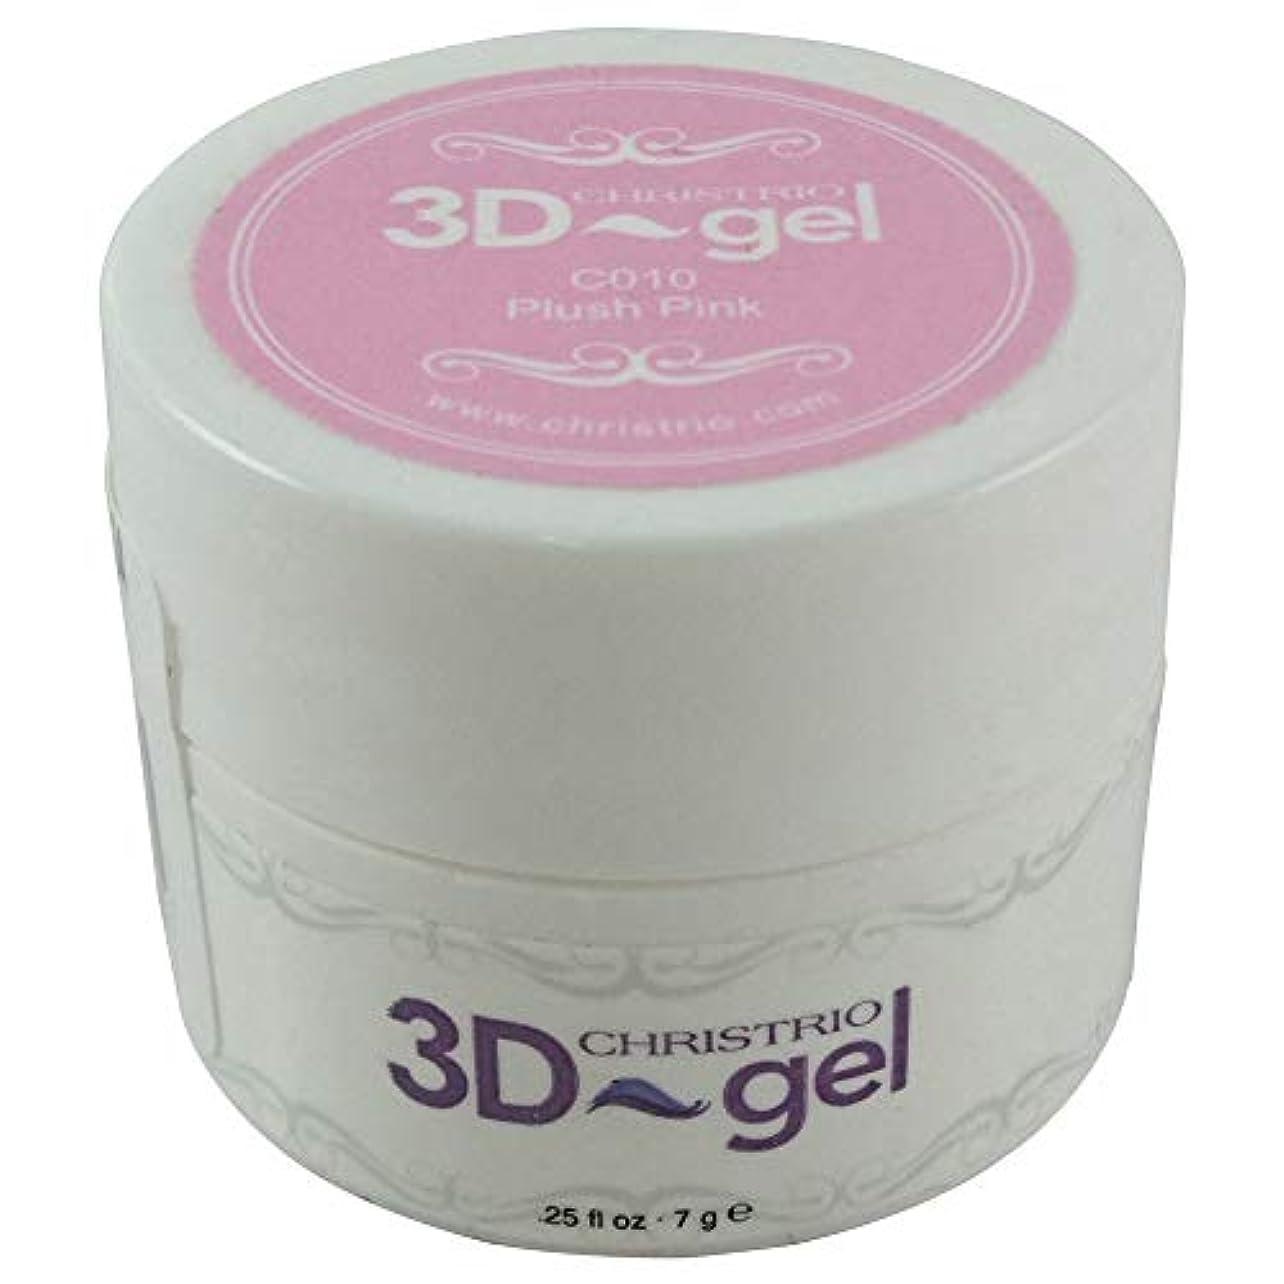 説得最後に汚いCHRISTRIO 3Dジェル 7g C010 プラッシュピンク